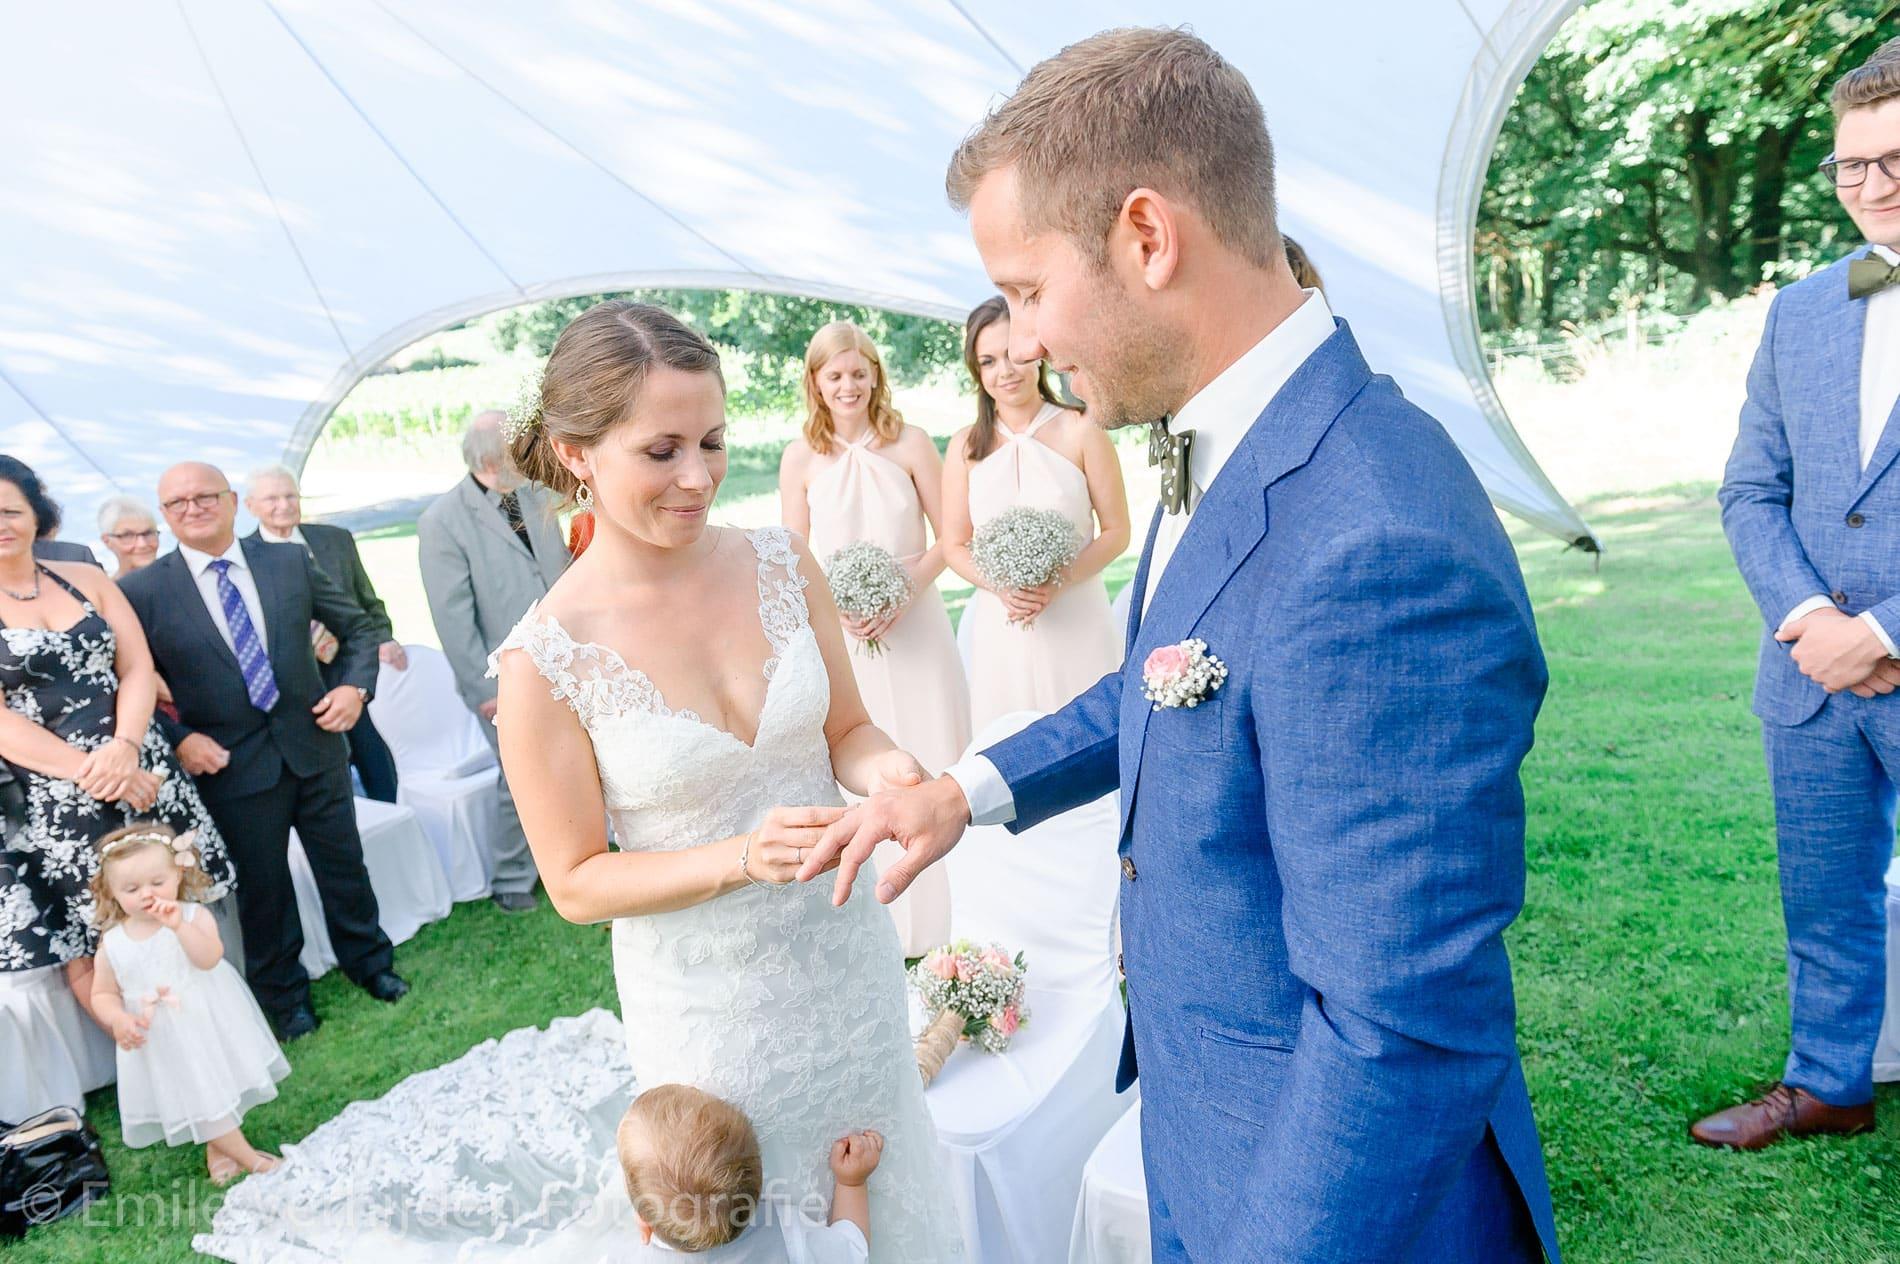 De ring wordt aangeschoven- Bruidsfotografie Winselerhof Landgraaf - Kerkrade